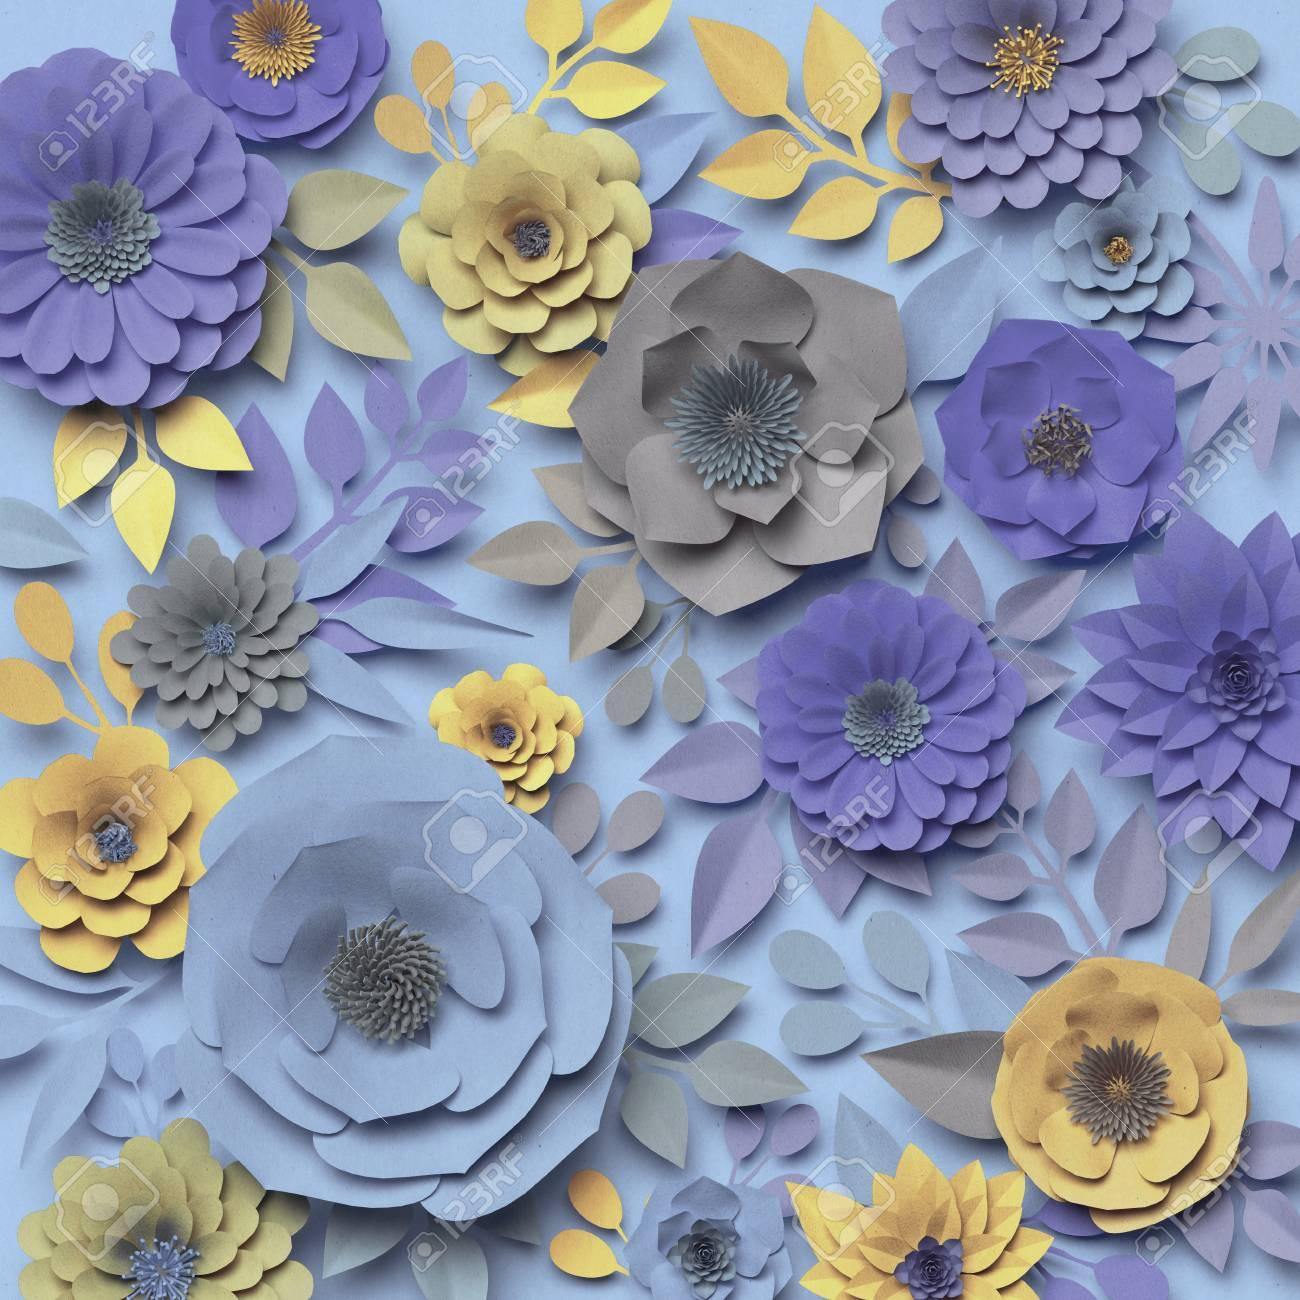 3d Render Digital Illustration Paper Rose Flowers Floral Wall